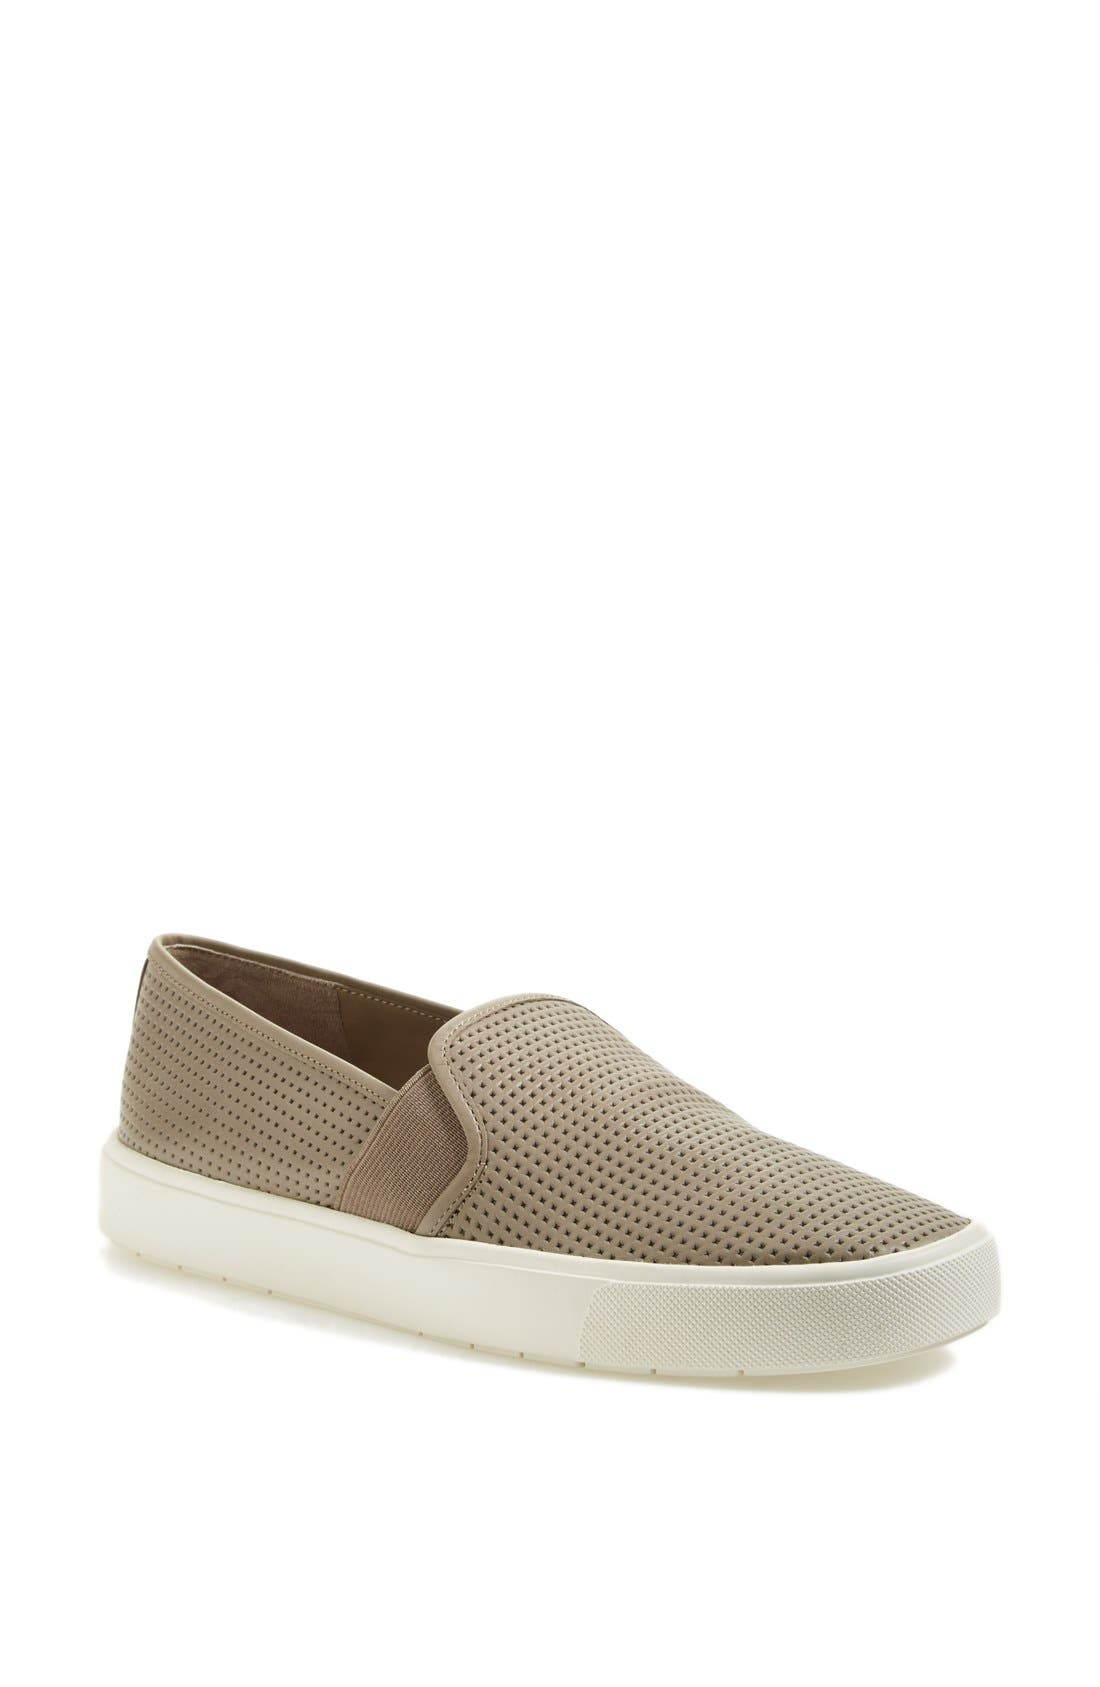 Vince Blair 5 Slip-On Sneaker (Women)